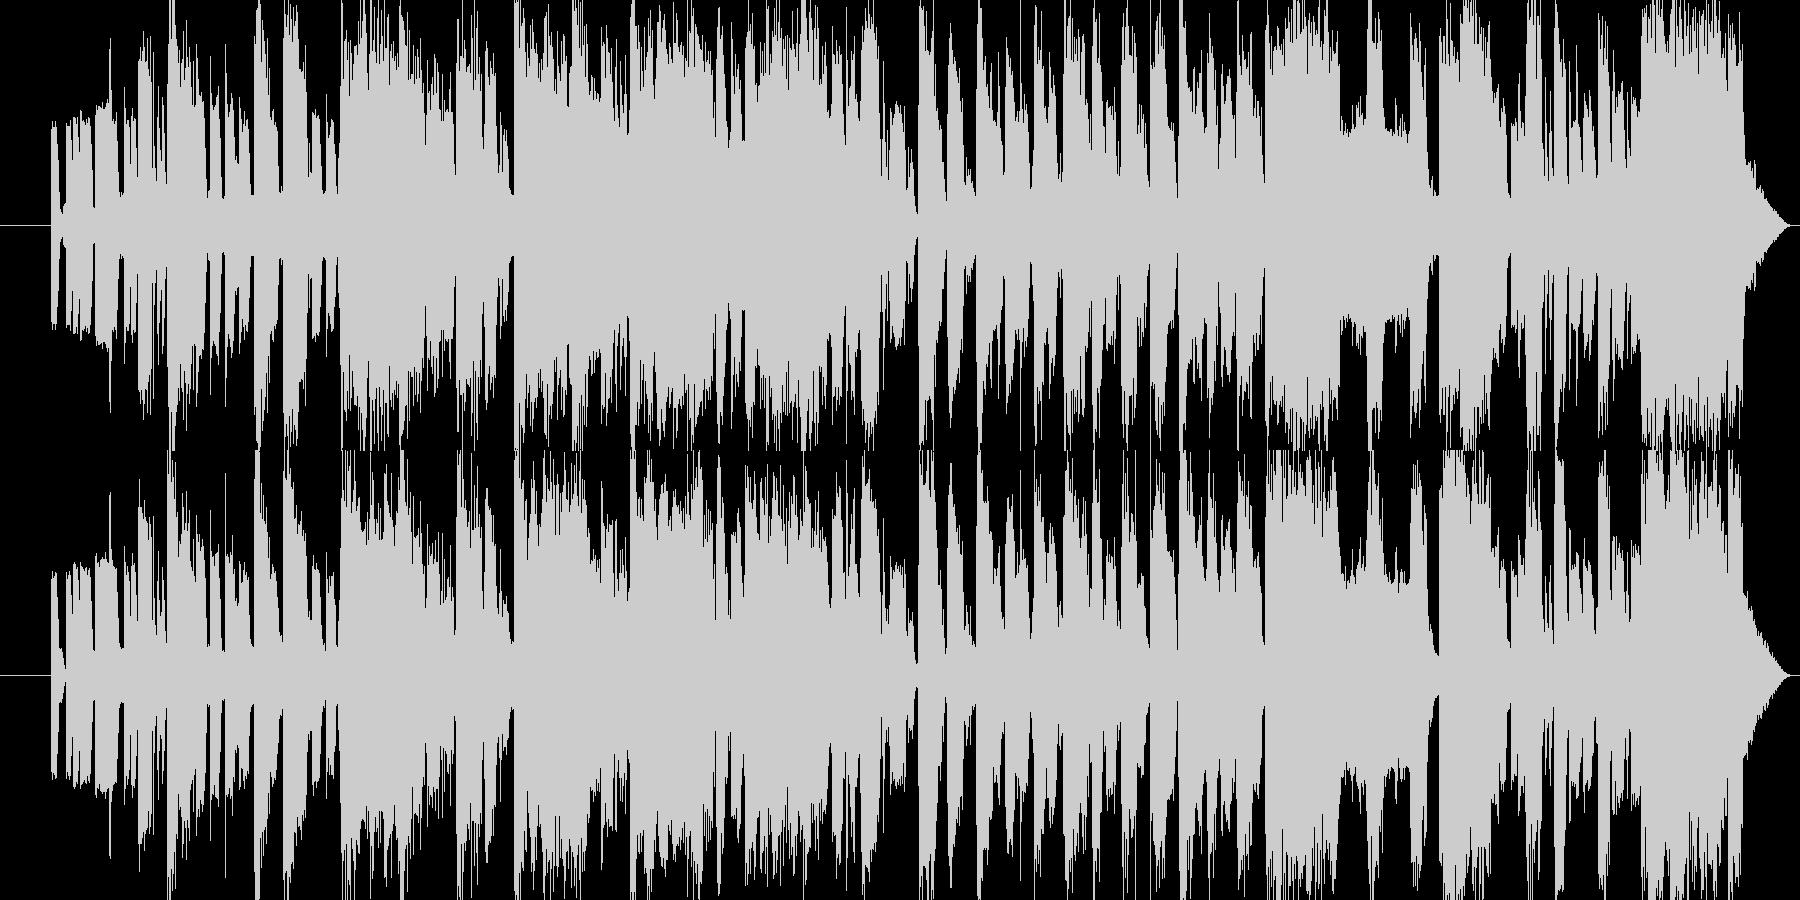 アーケードゲーム風をTrapのリズムでの未再生の波形